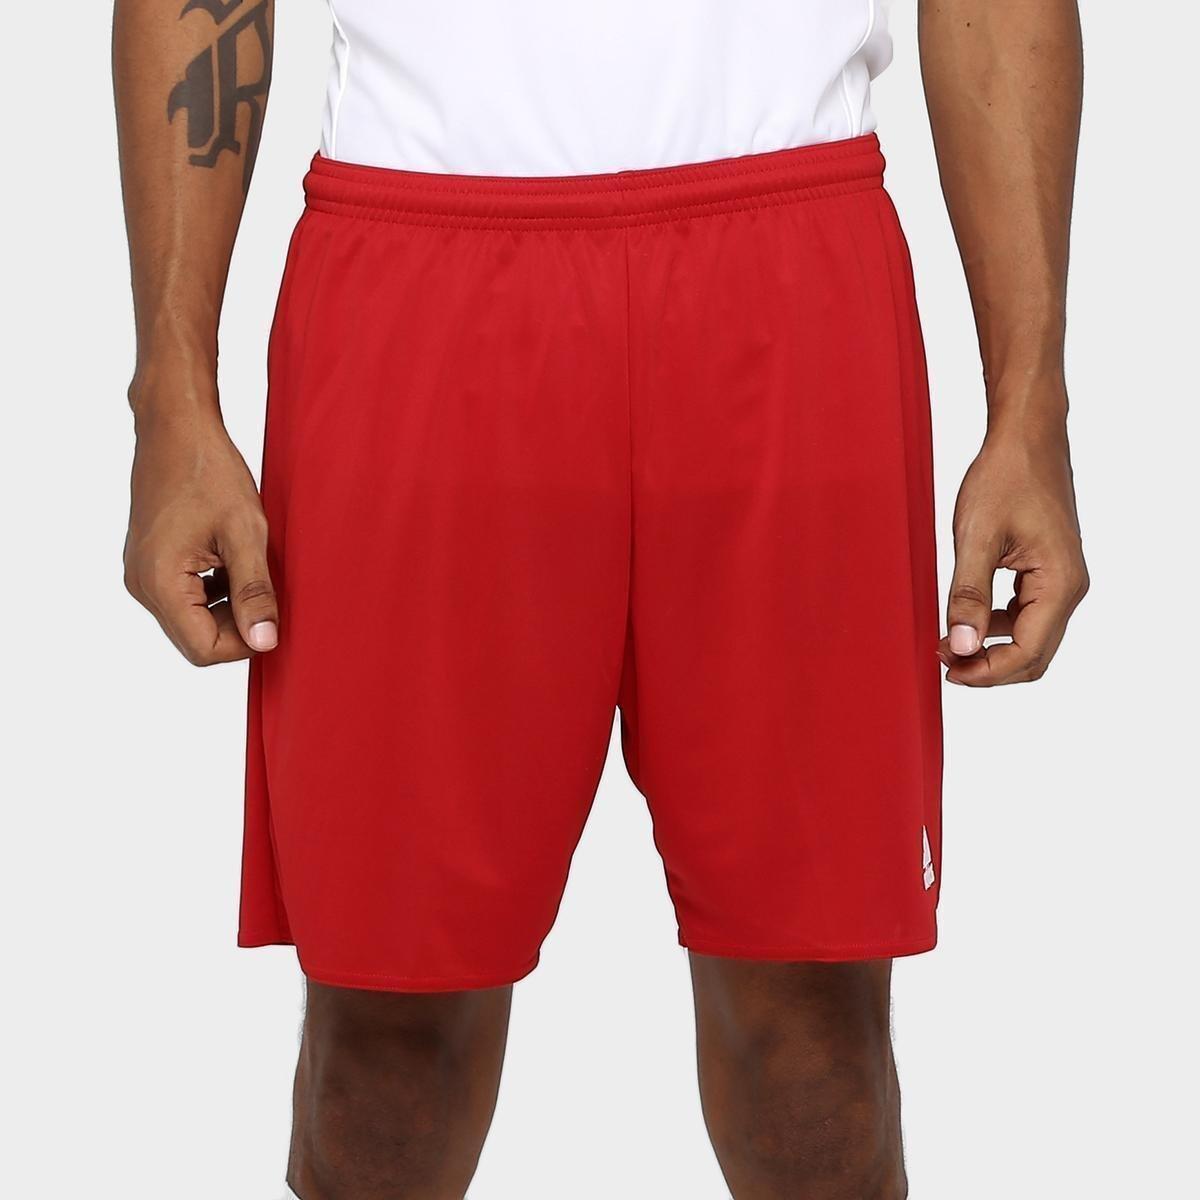 Calção Adidas Parma Masculino - Vermelho e Branco - Compre Agora ... 9f119eb36c631